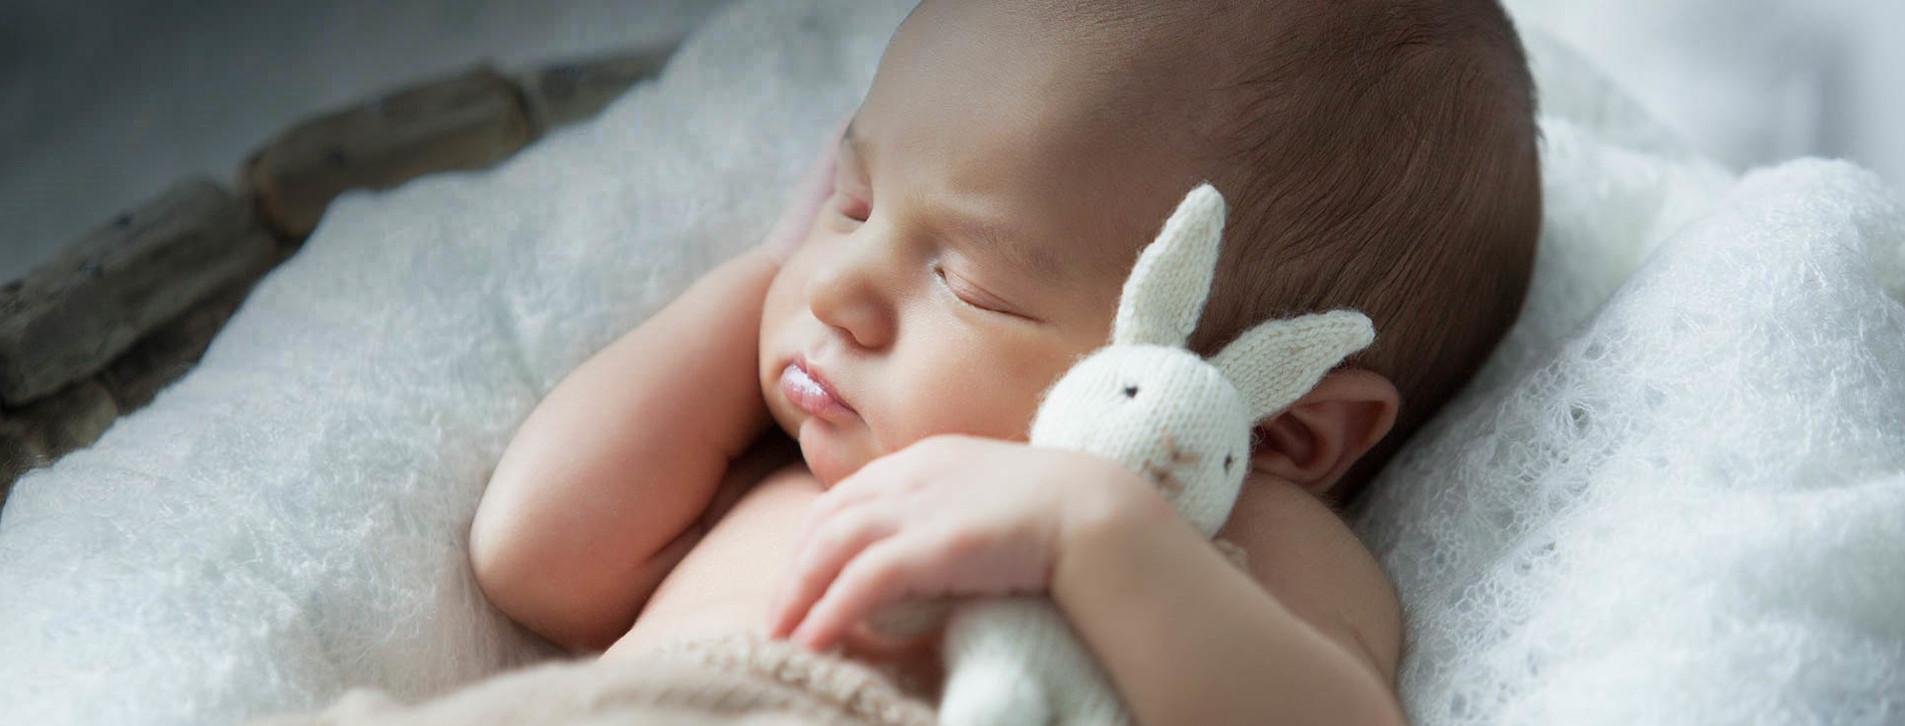 Фото 1 - Фотосессия новорожденных